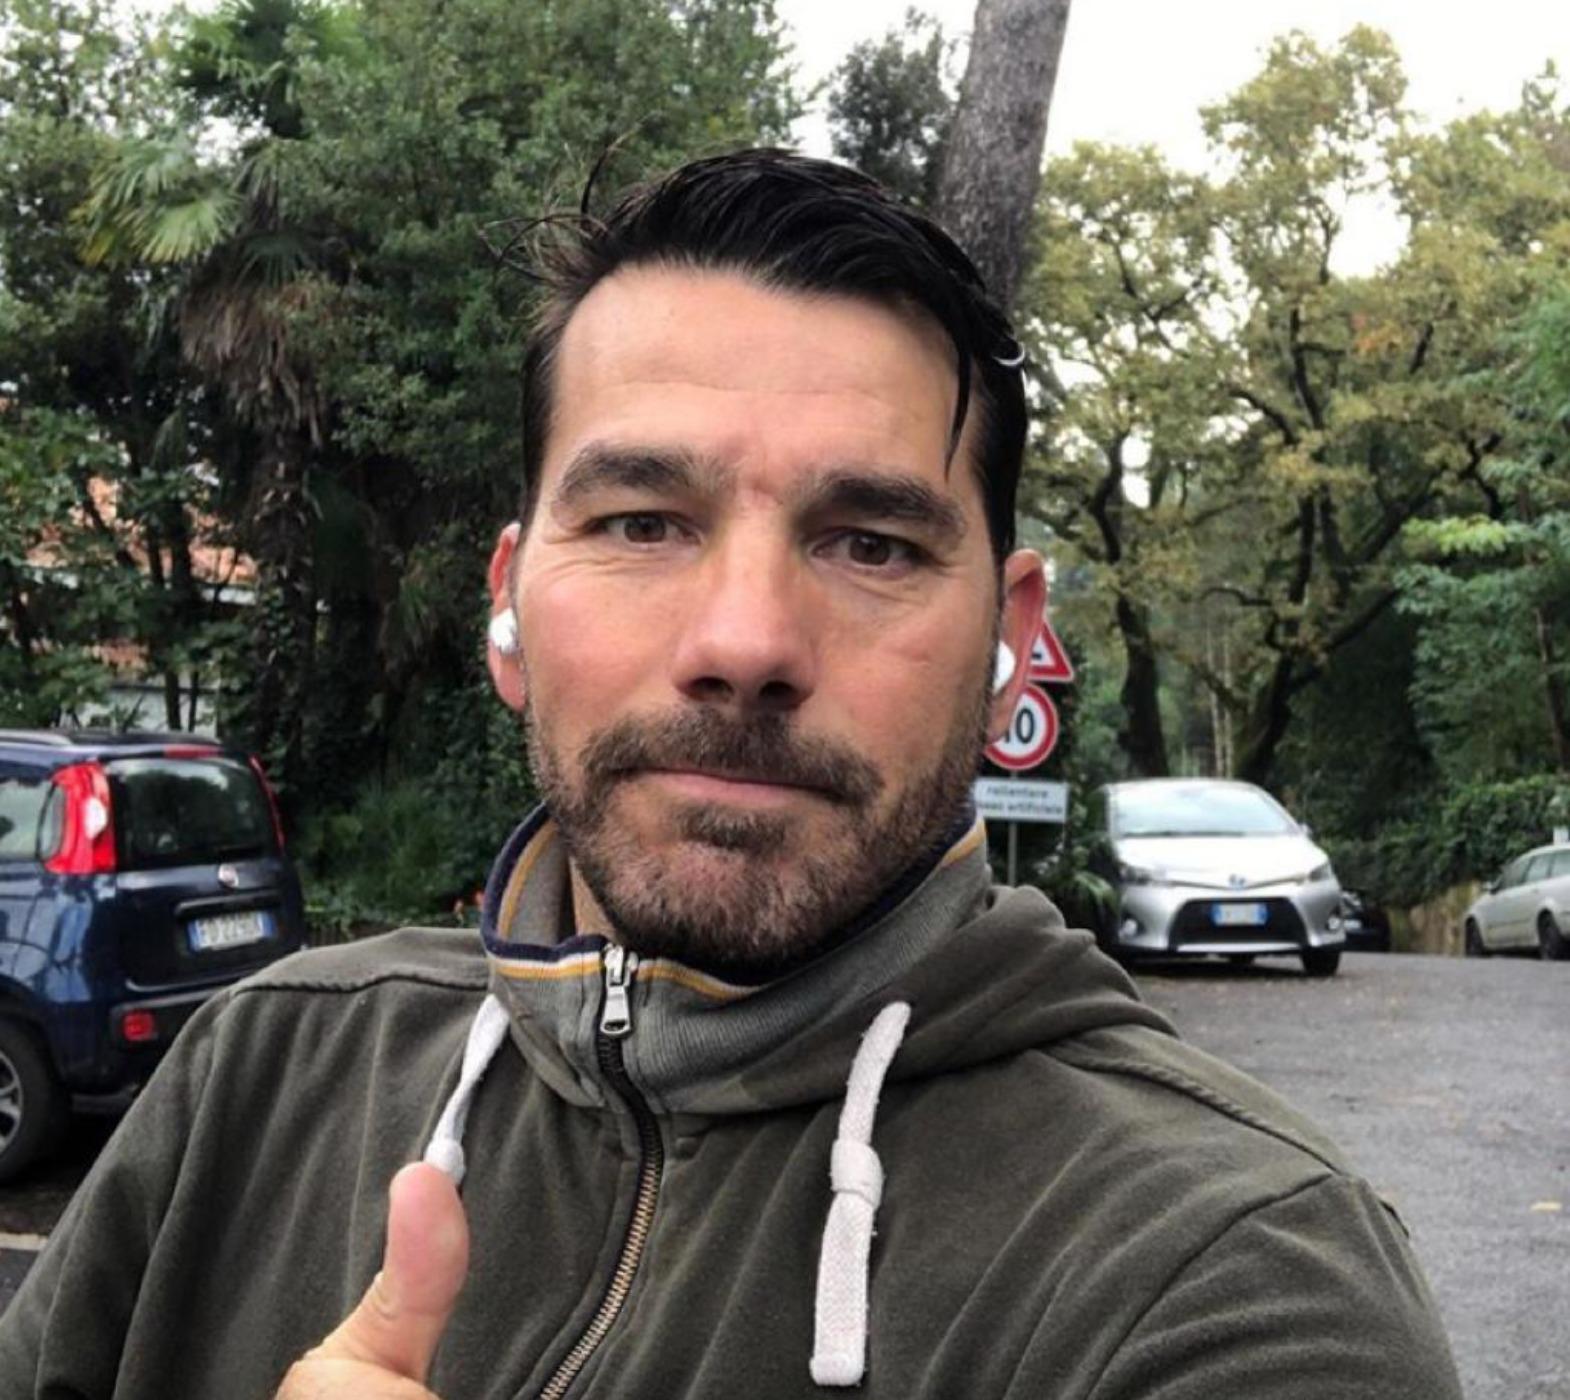 Roberto Anselmi Fiacchini figlio adottivo renato zero età altezza moglie figli